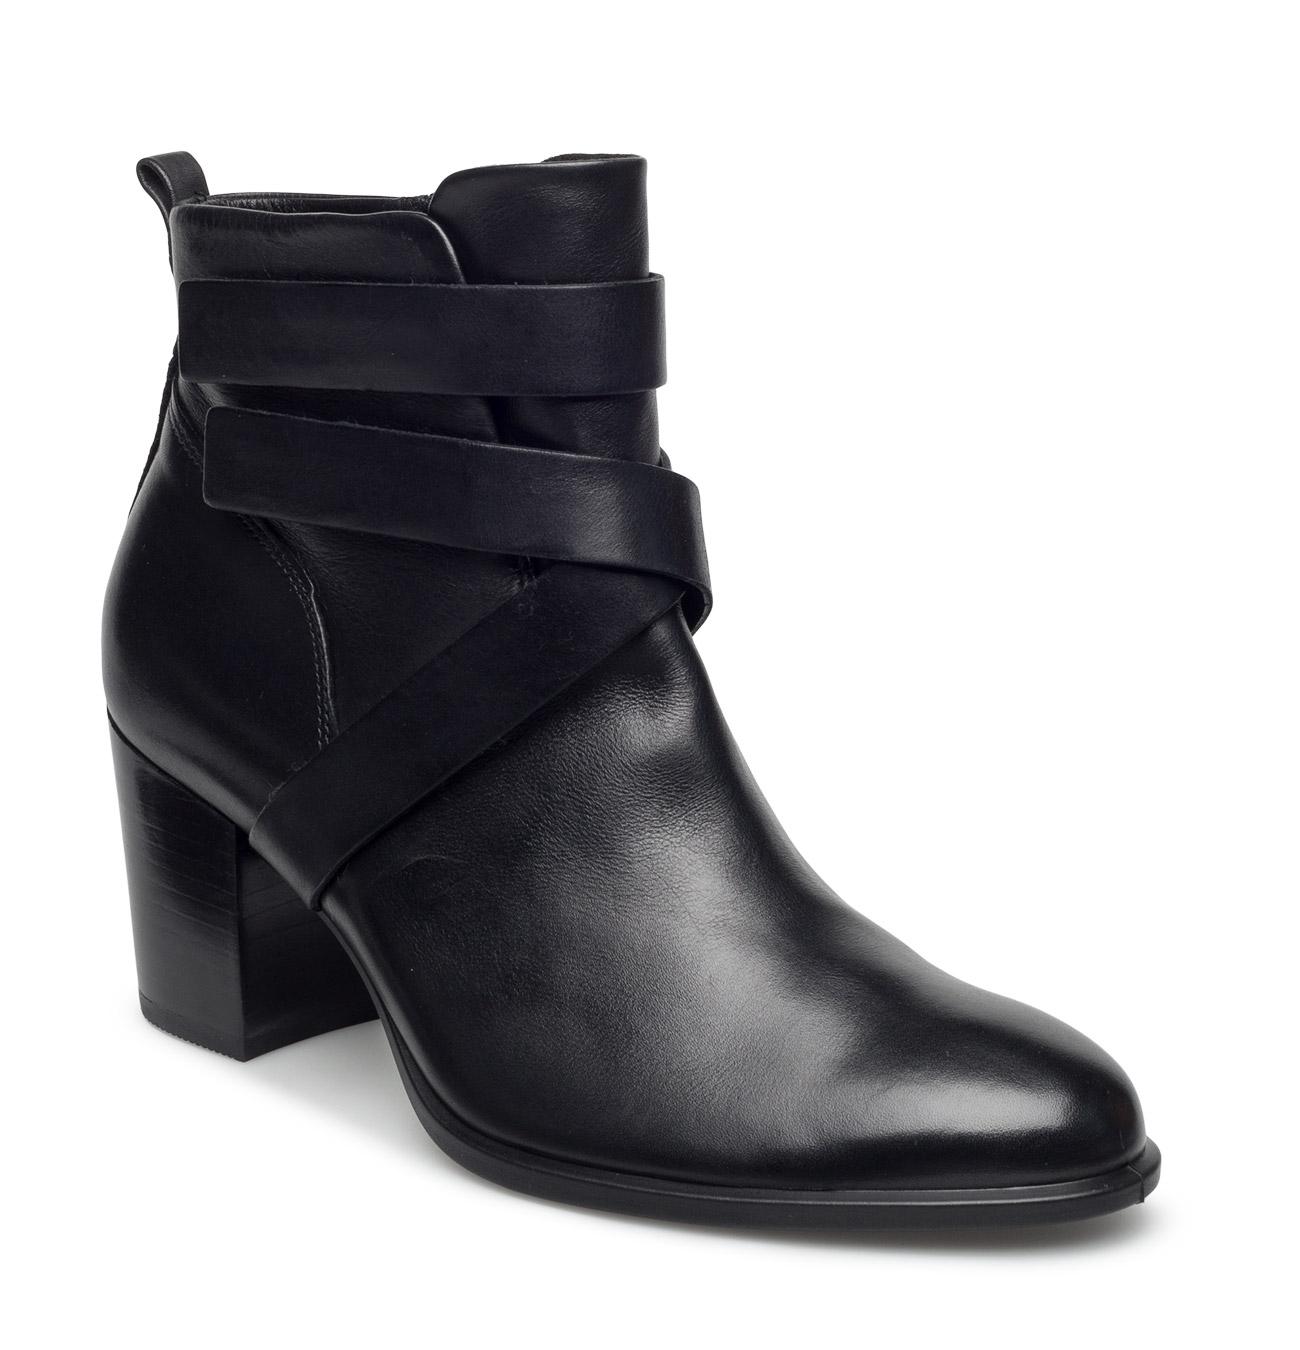 Höstens skor 2016: svarta stövletter | Stilexperten